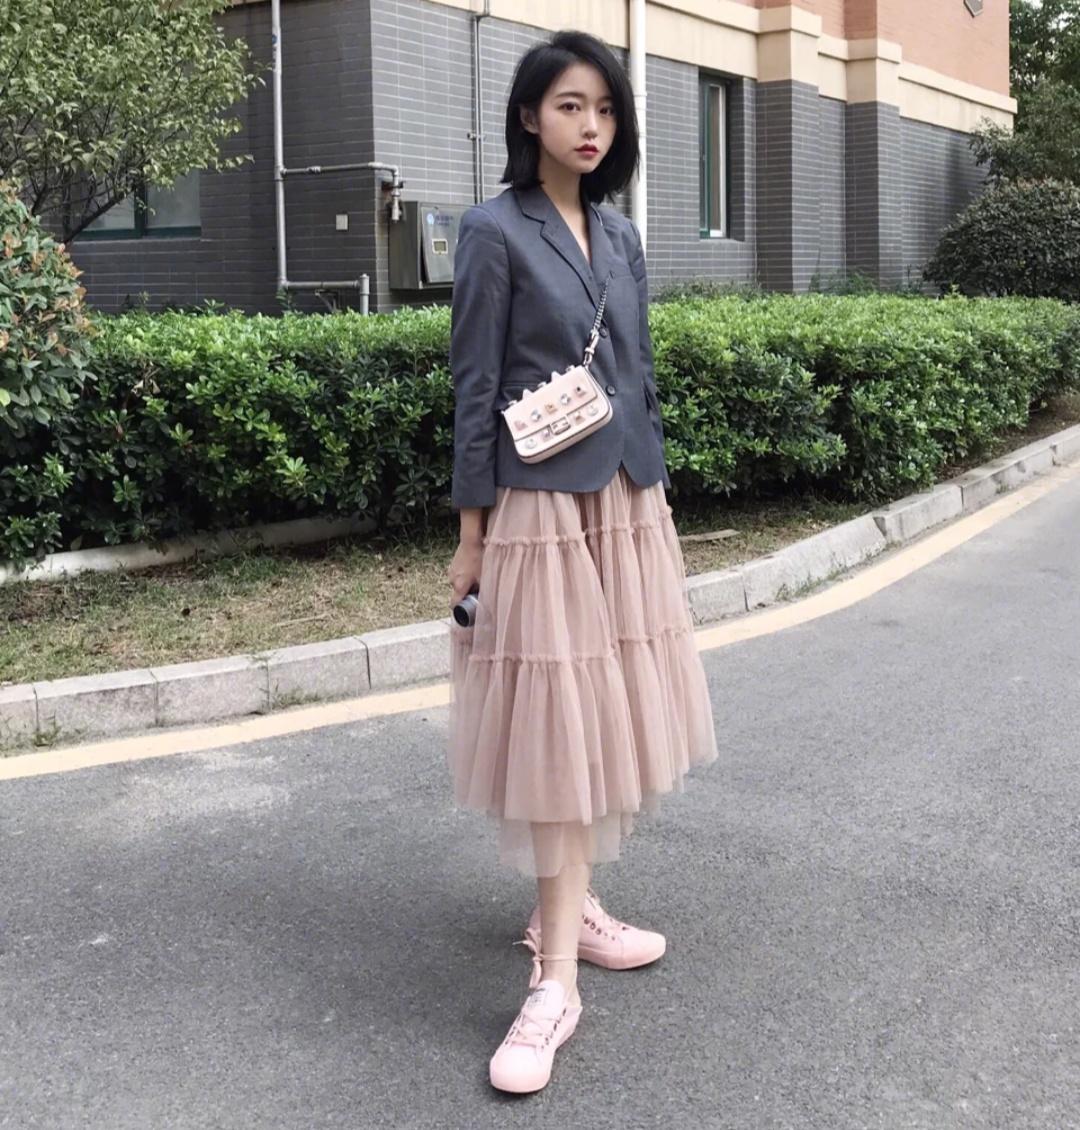 女生现在流行的衣服_2019春季流行穿搭:小西装和仙女裙穿出混搭时尚感,洋气不撞衫!